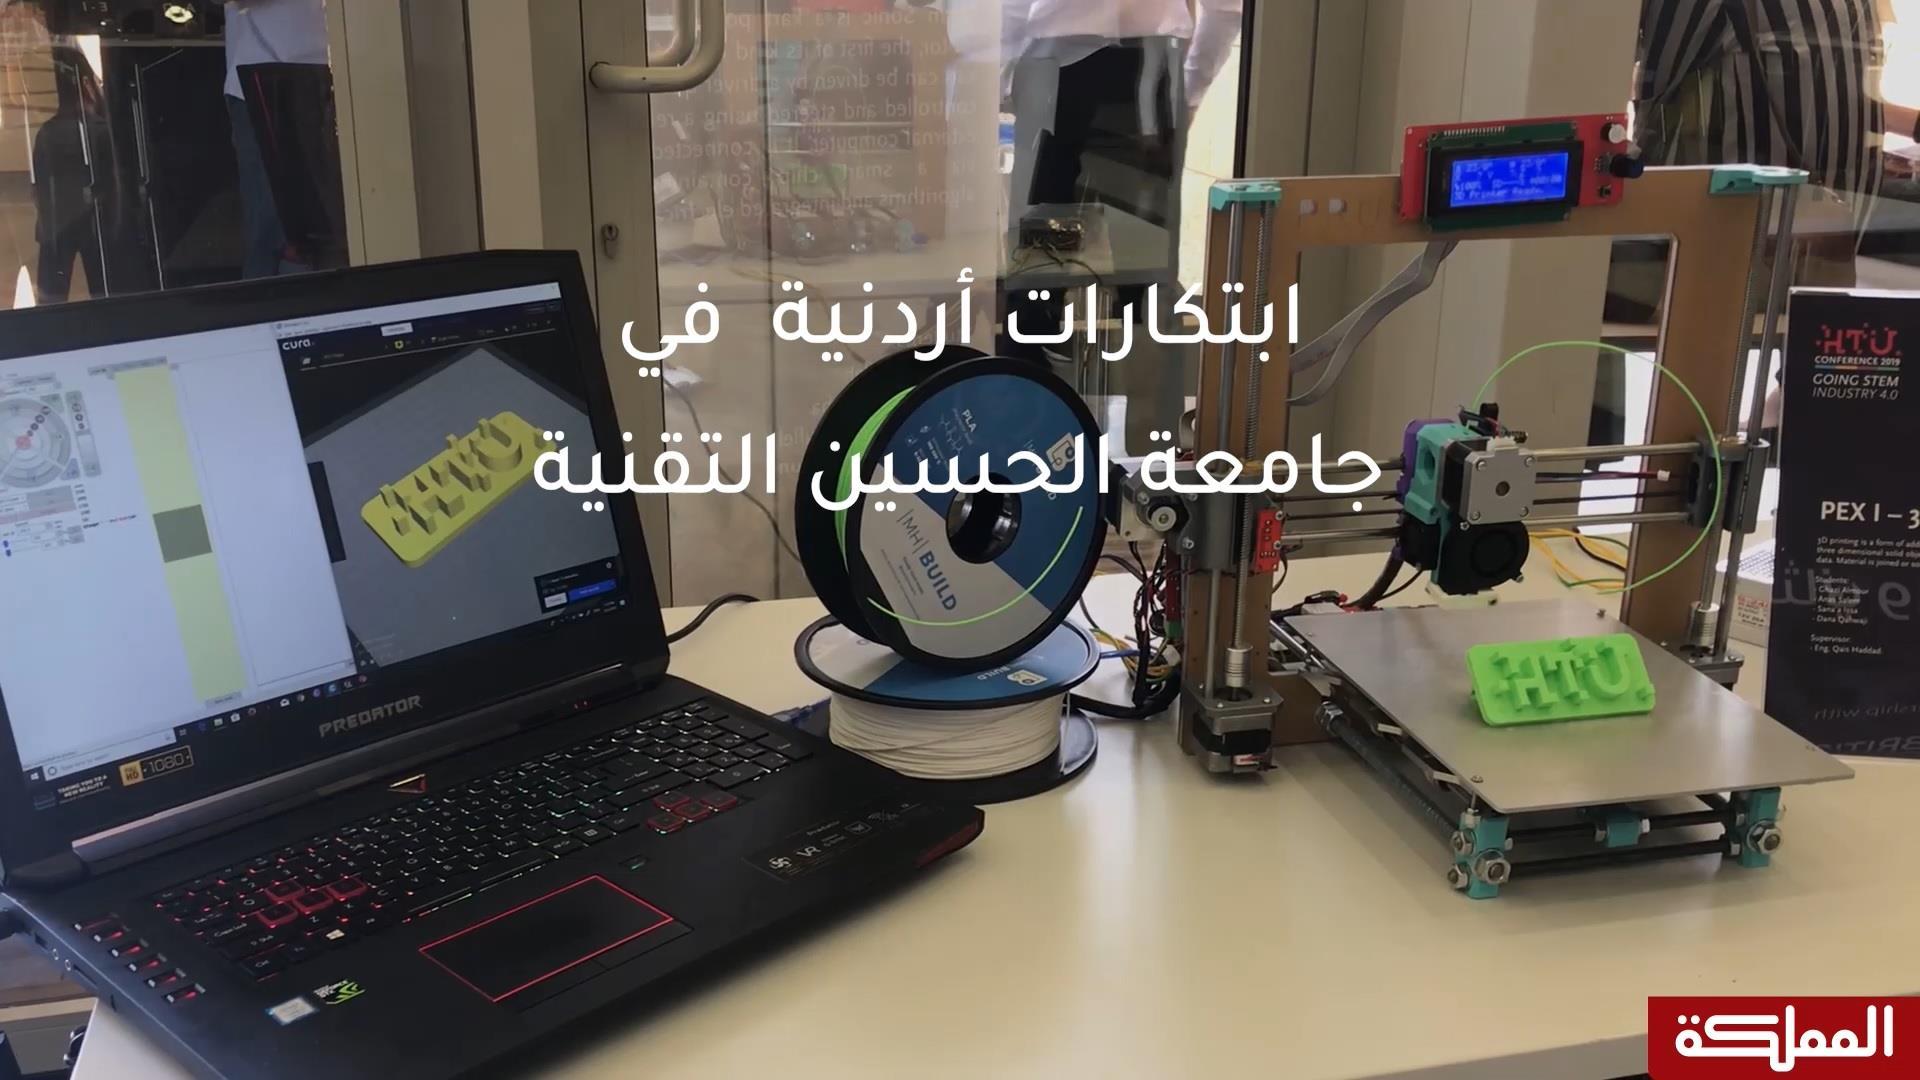 ابتكارات أردنية في جامعة الحسين التقنية